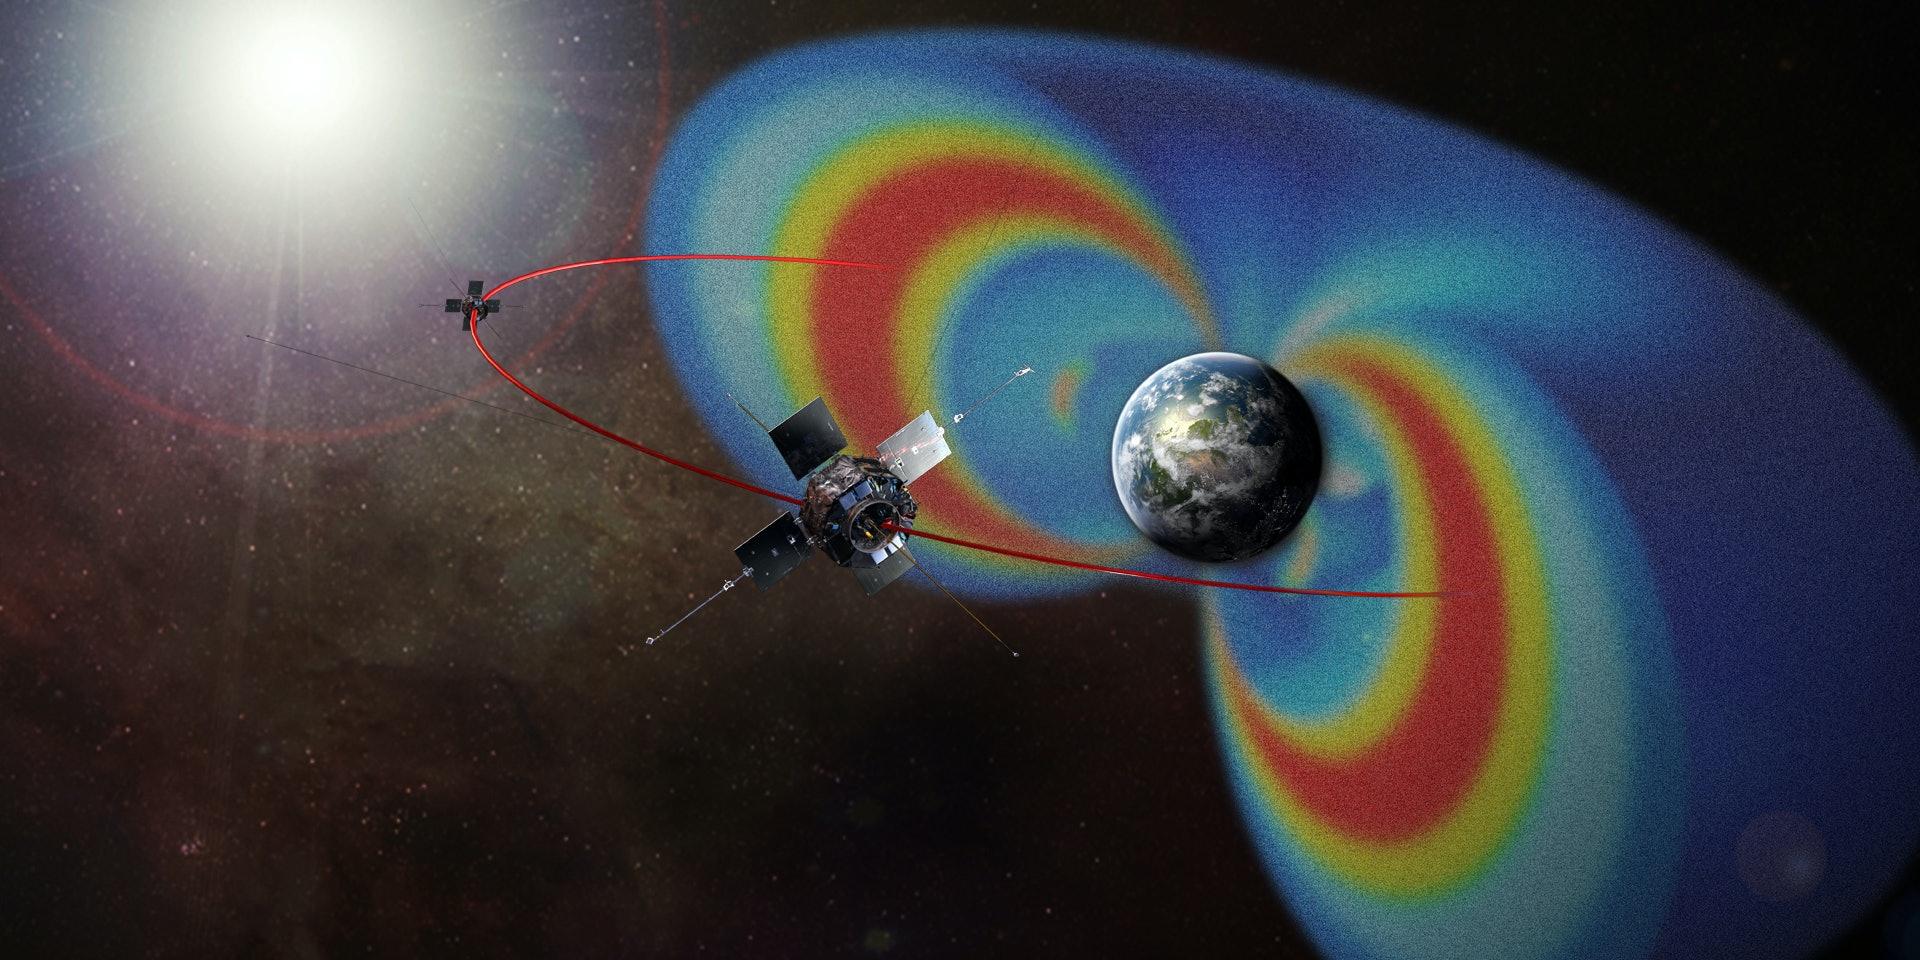 Artist's rendering of the Van Allen Probes mission